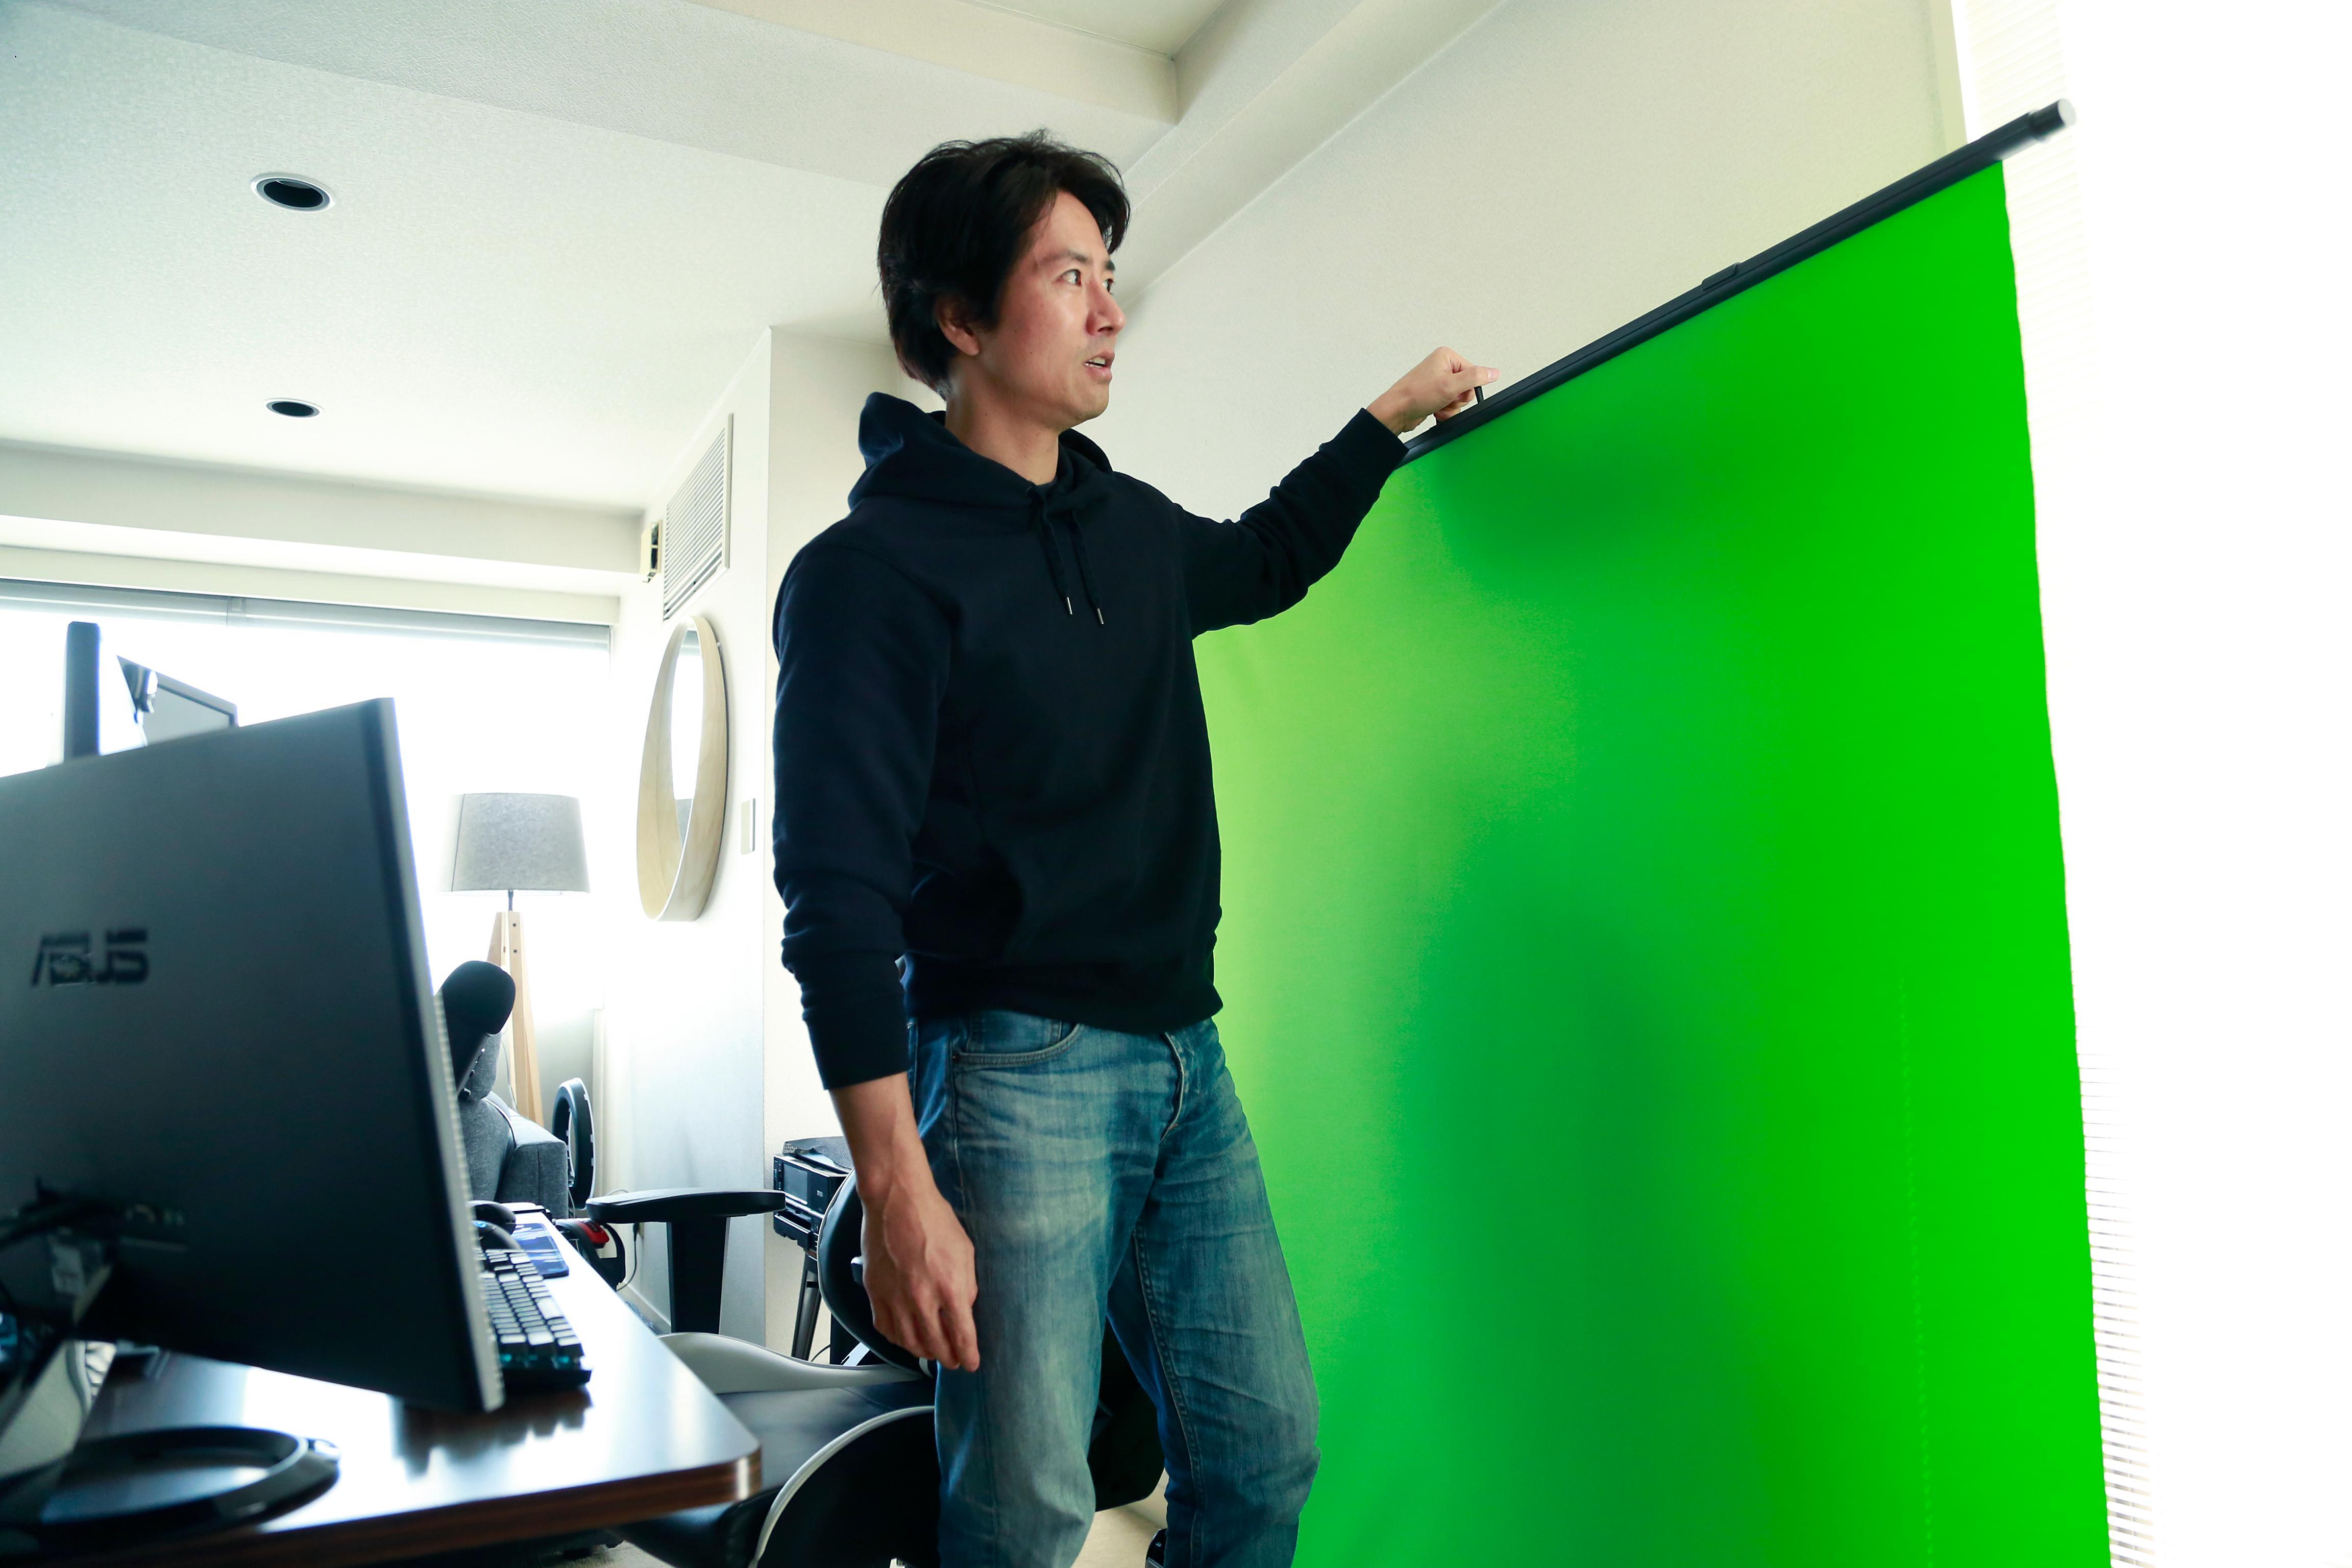 ケイン・コスギの自宅ゲーム配信環境・映像合成用のグリーンバック